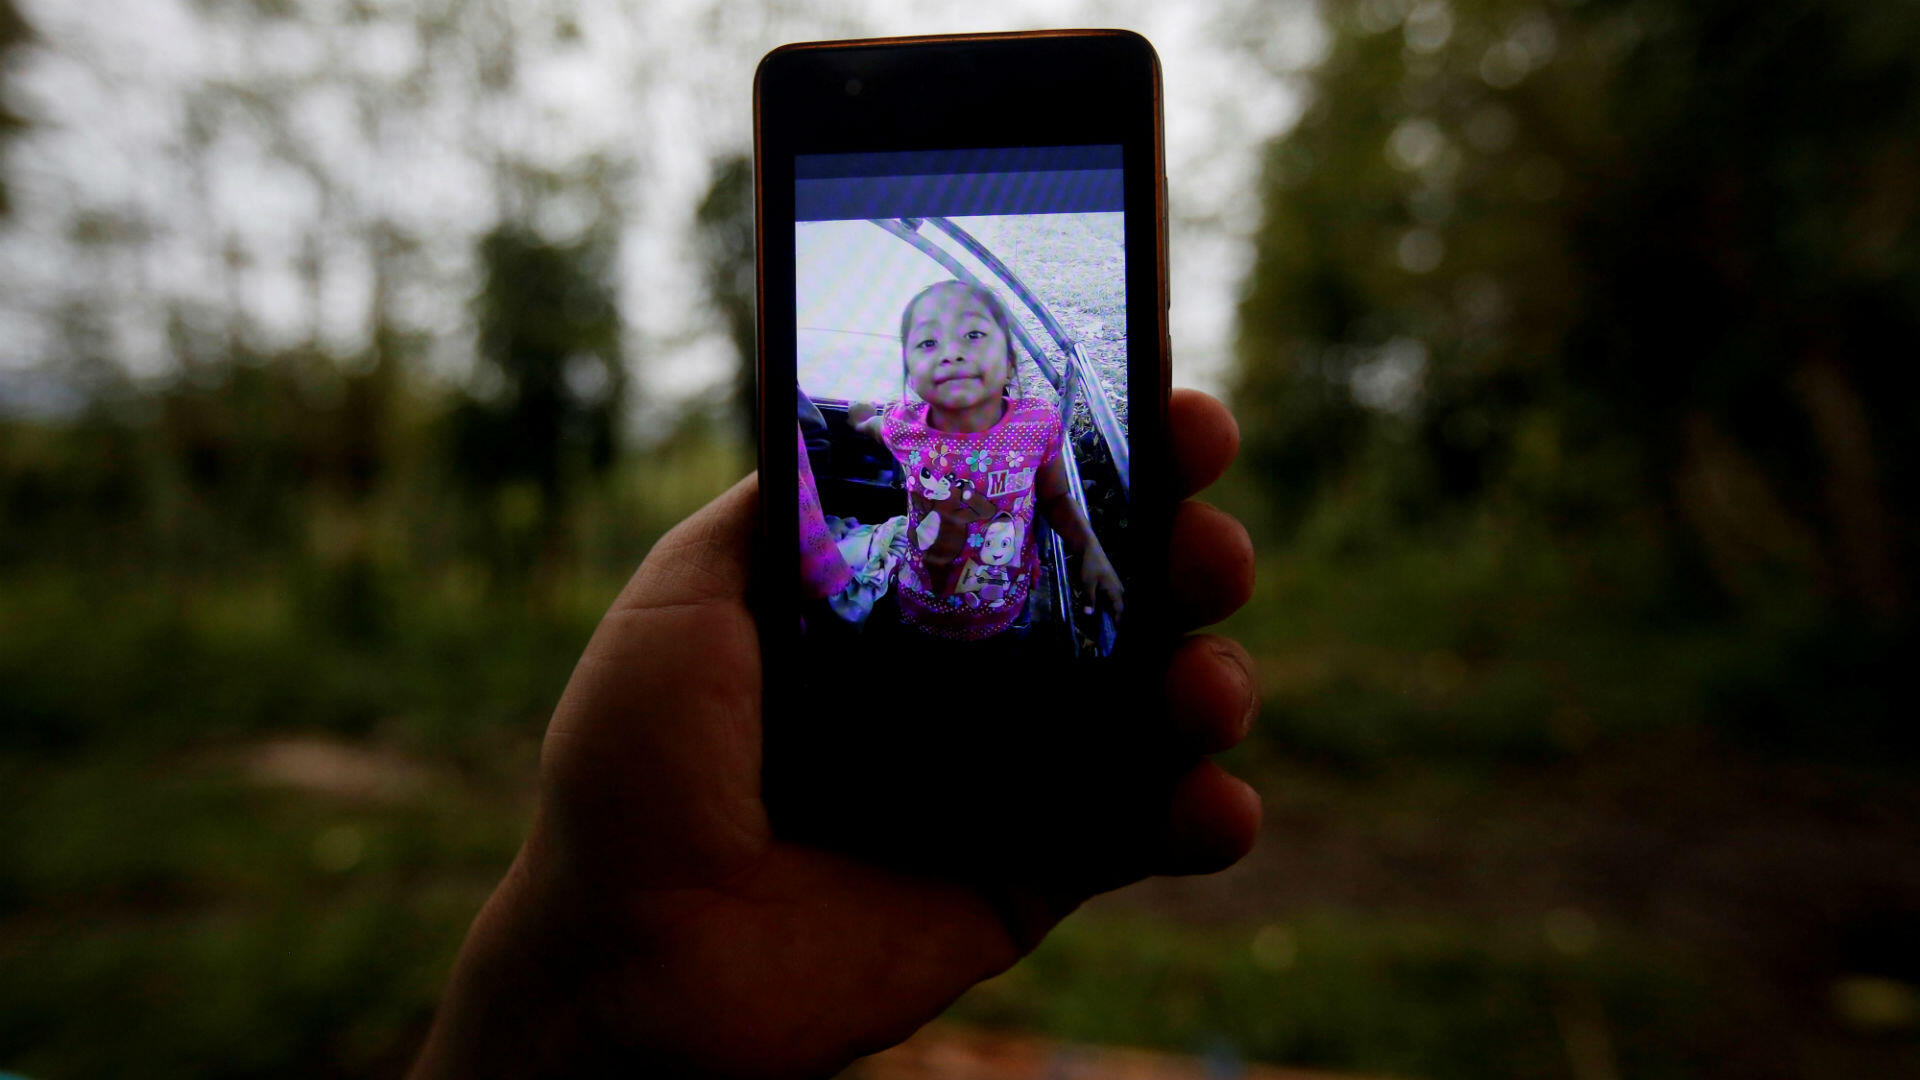 Fotografía de la menor Jakelin Caal, quien murió bajo custodia de la Patrulla Fronteriza estadounidense, enseñada a través de un teléfono móvil por uno de sus familiares en el municipio de Raxruhá, Guatemala.